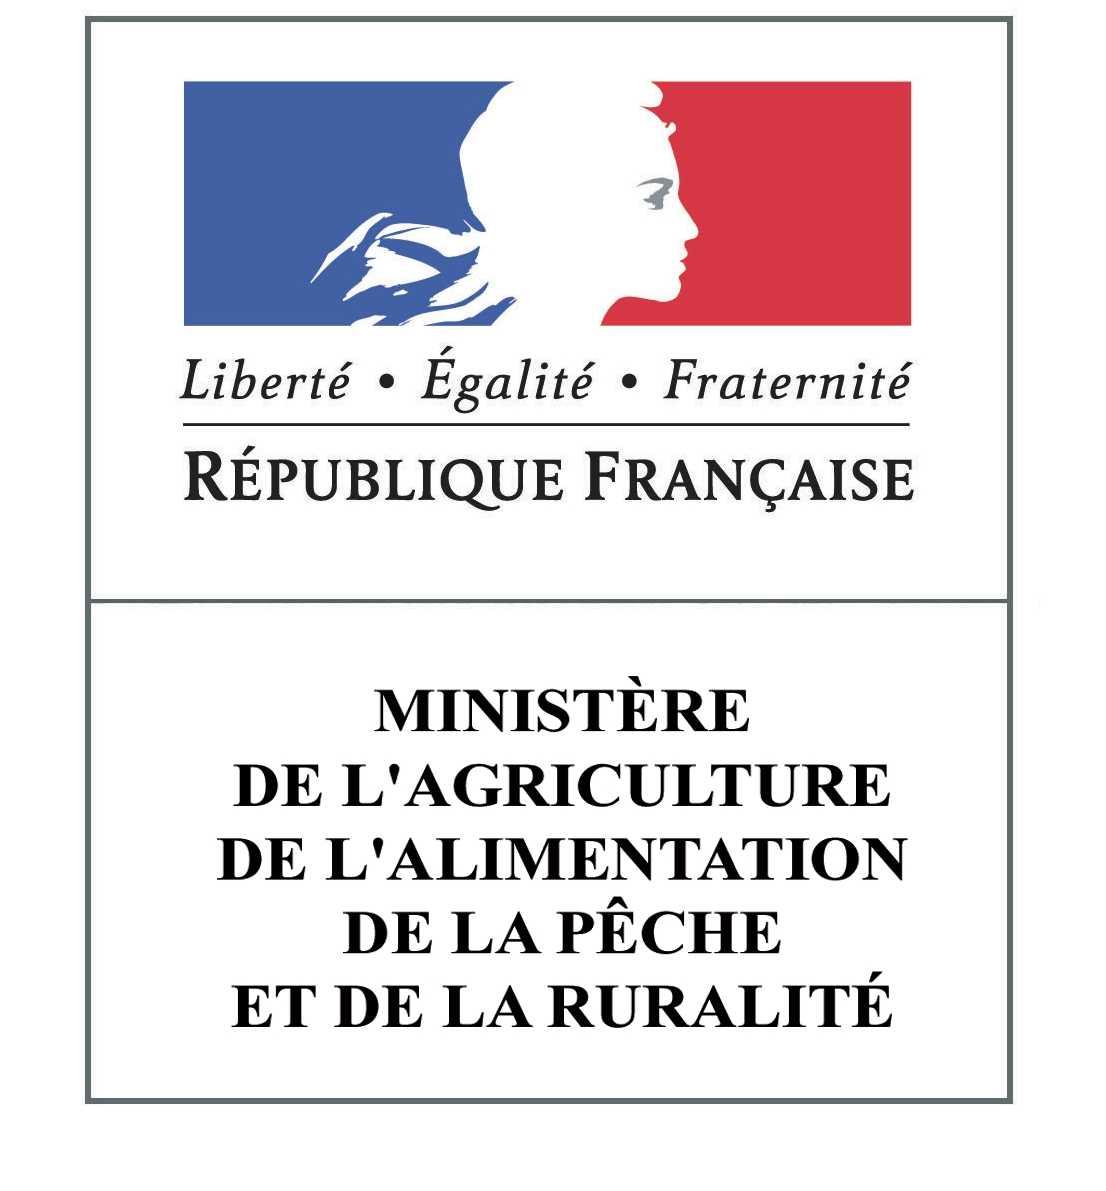 Ministère de l'agriculture de l'alimentation de la pêche et de la ruralité